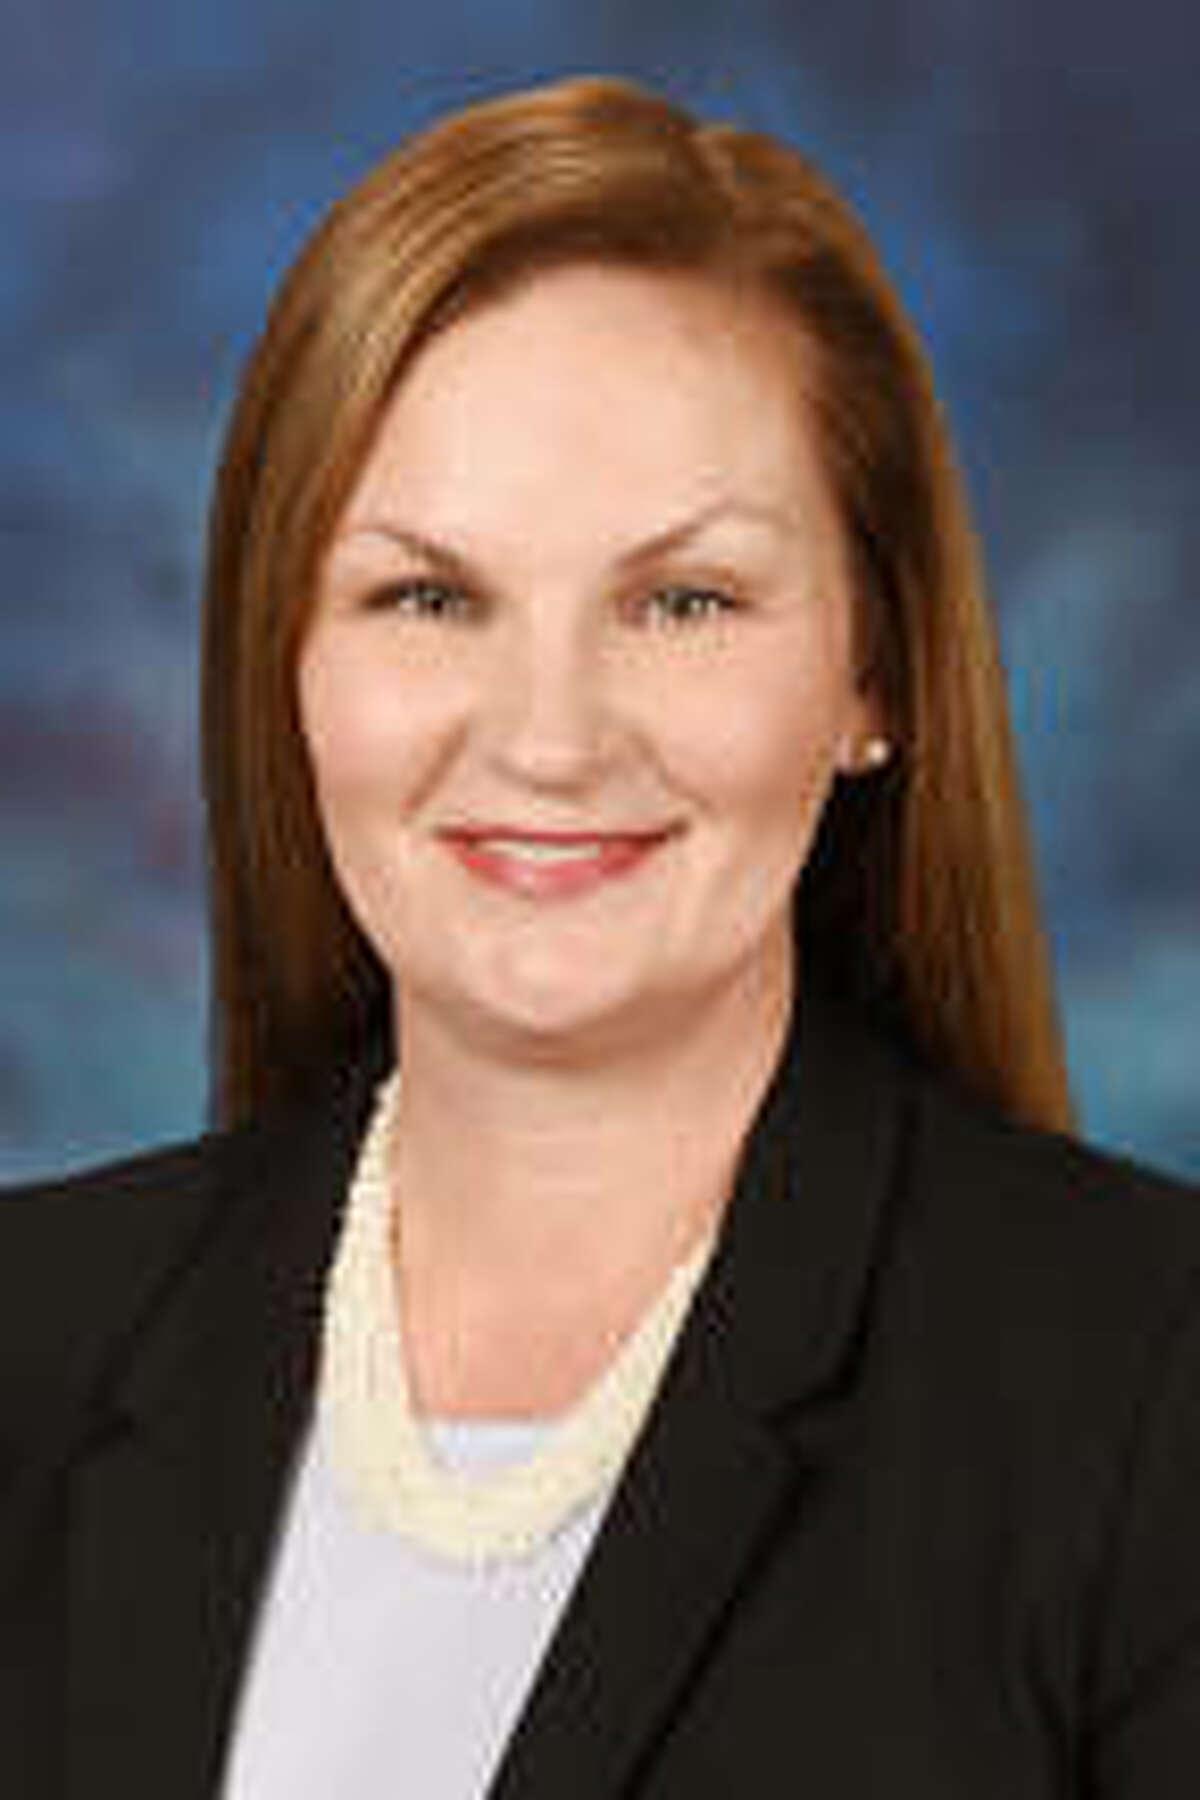 State Sen. Rachelle Aud Crowe (D-Glen Carbon)